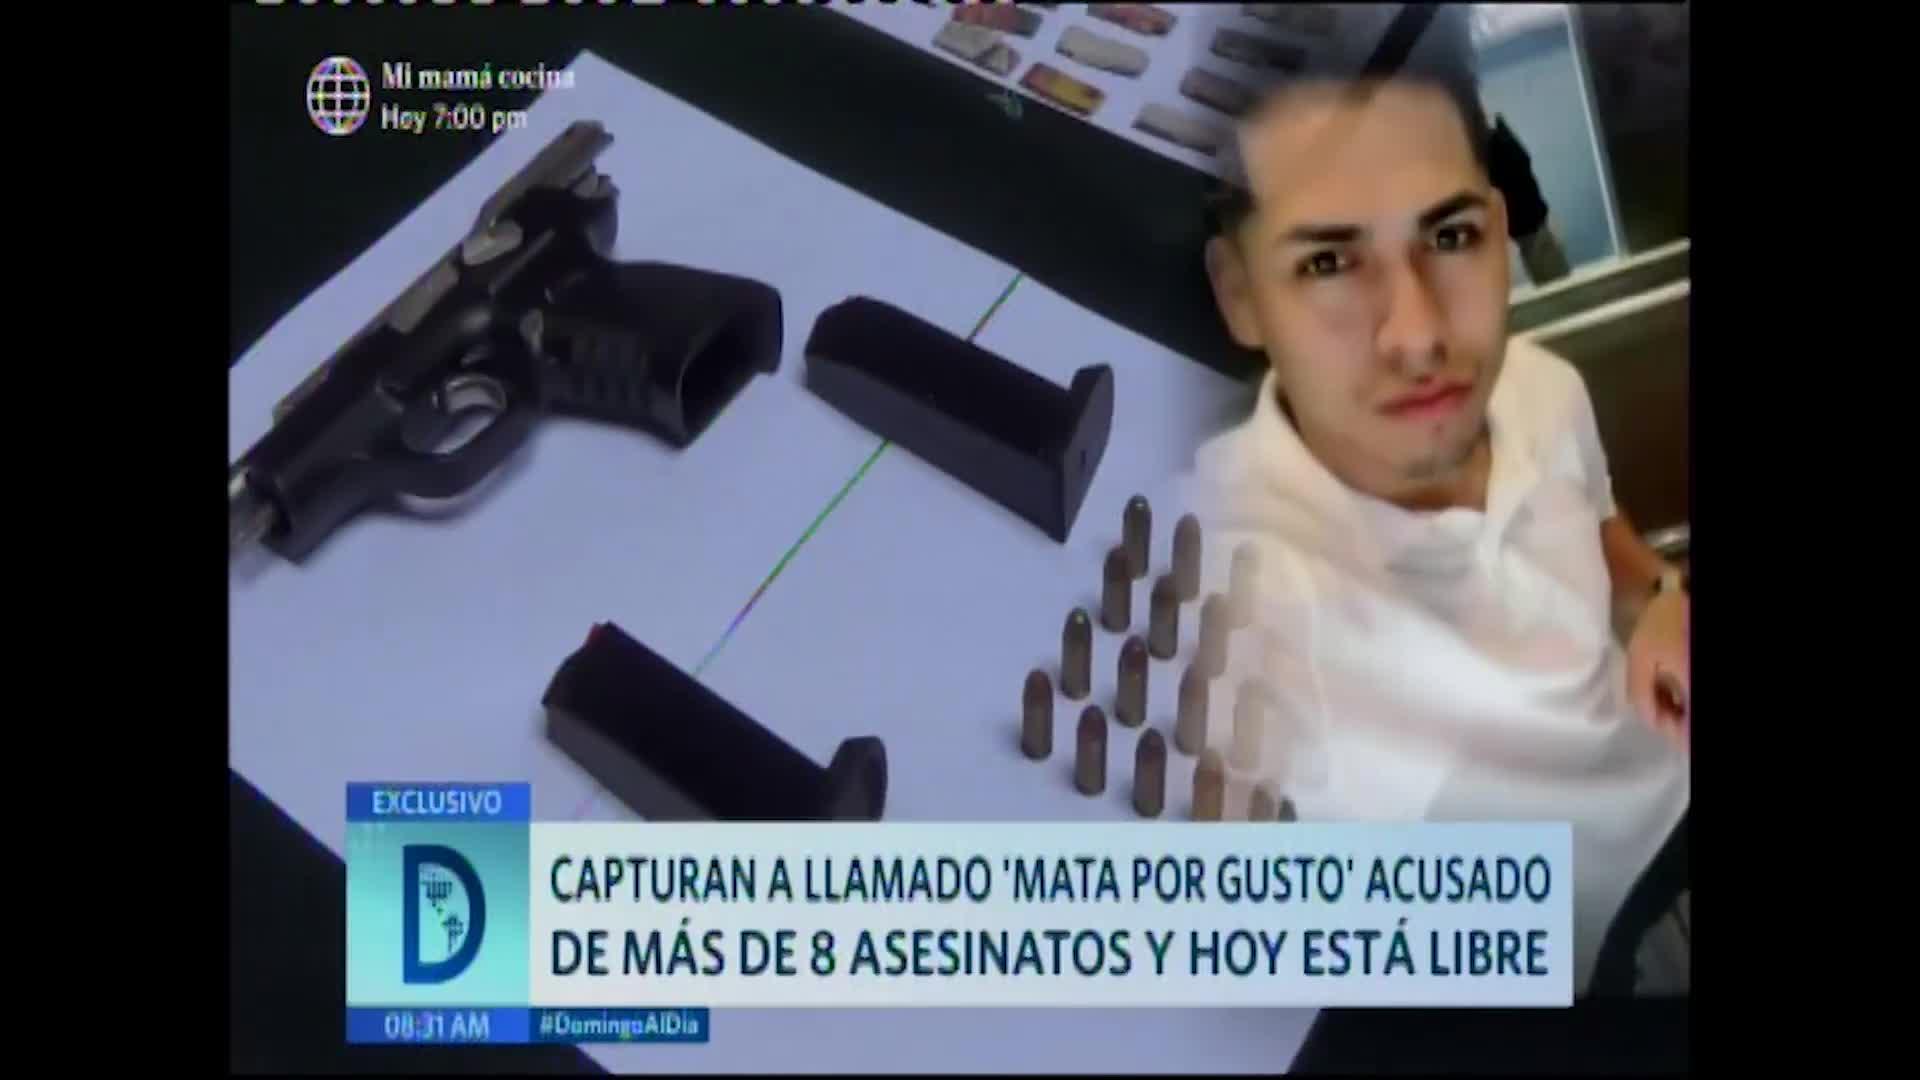 Los Olivos: sicario acusado de más de 8 asesinatos se encuentra libre